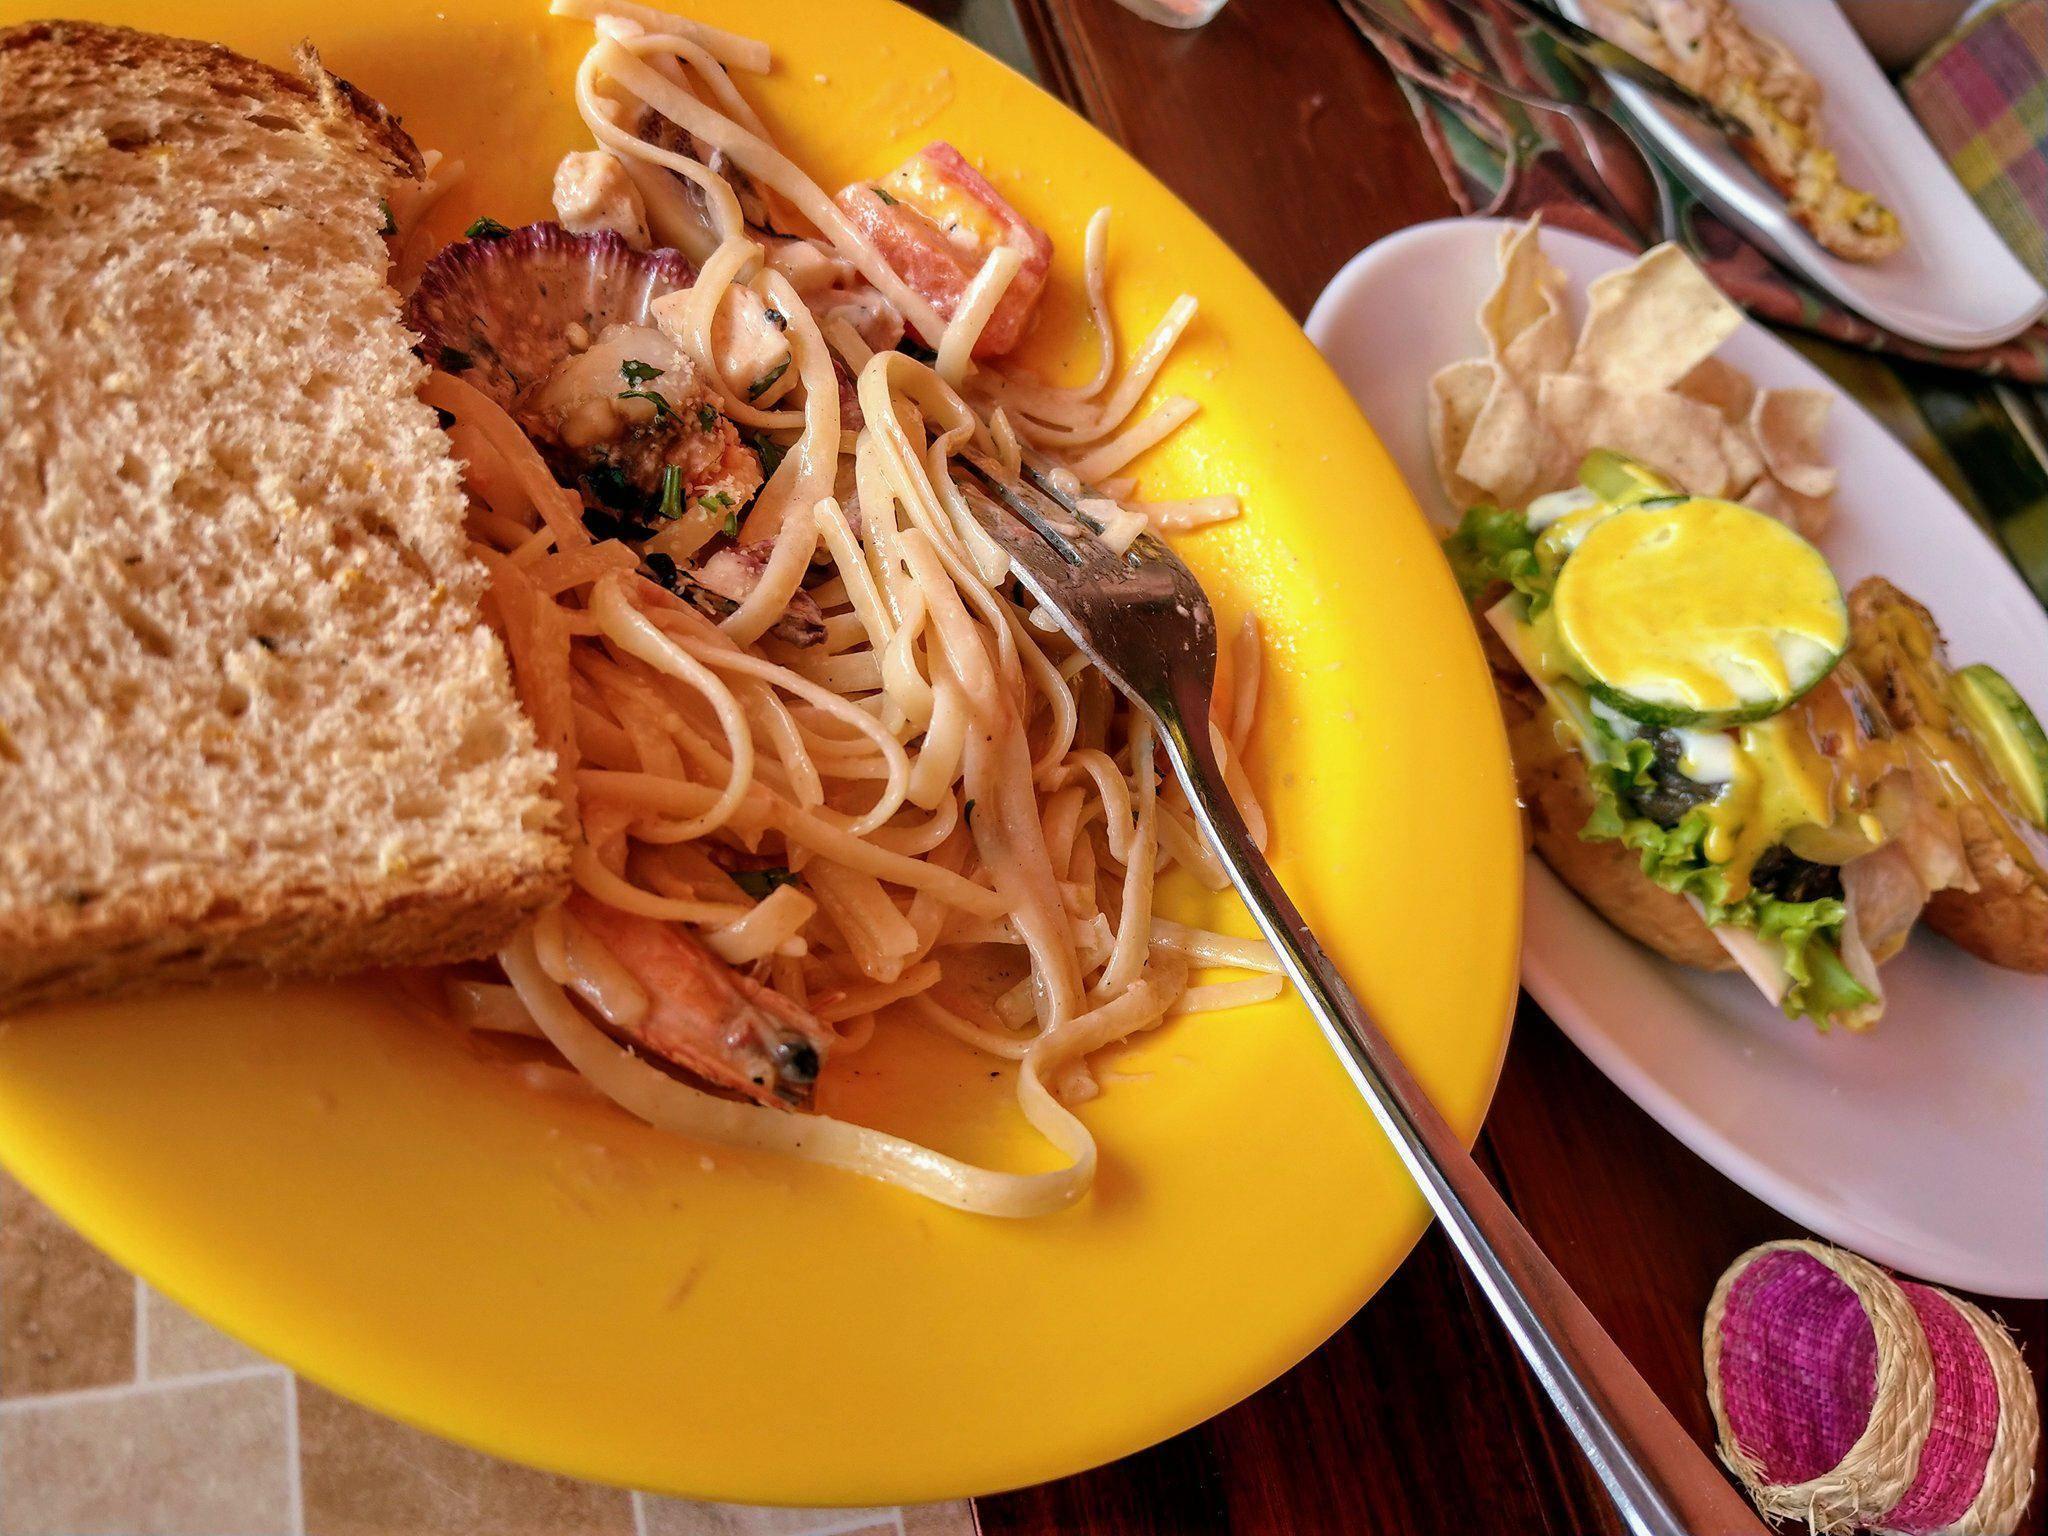 海鮮義大利麵、牛肉漢堡 圖片來源:Vanessa